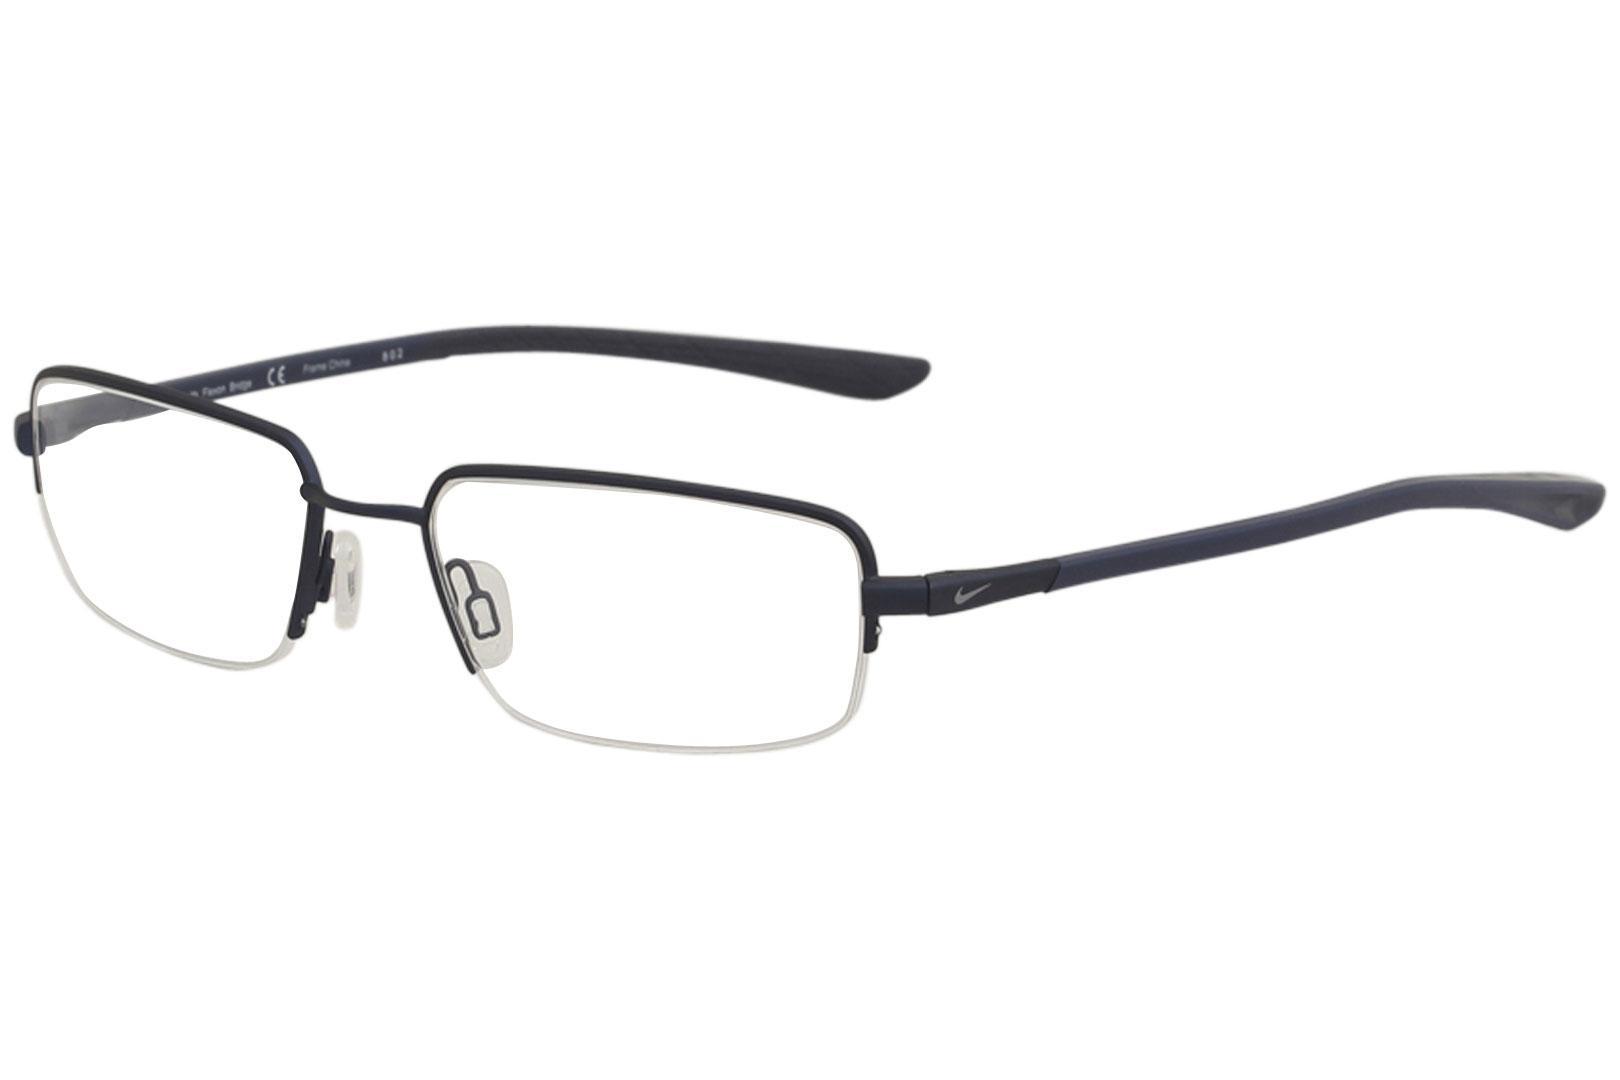 Nike Men\'s Eyeglasses 4287 Half Rim Flexon Optical Frame